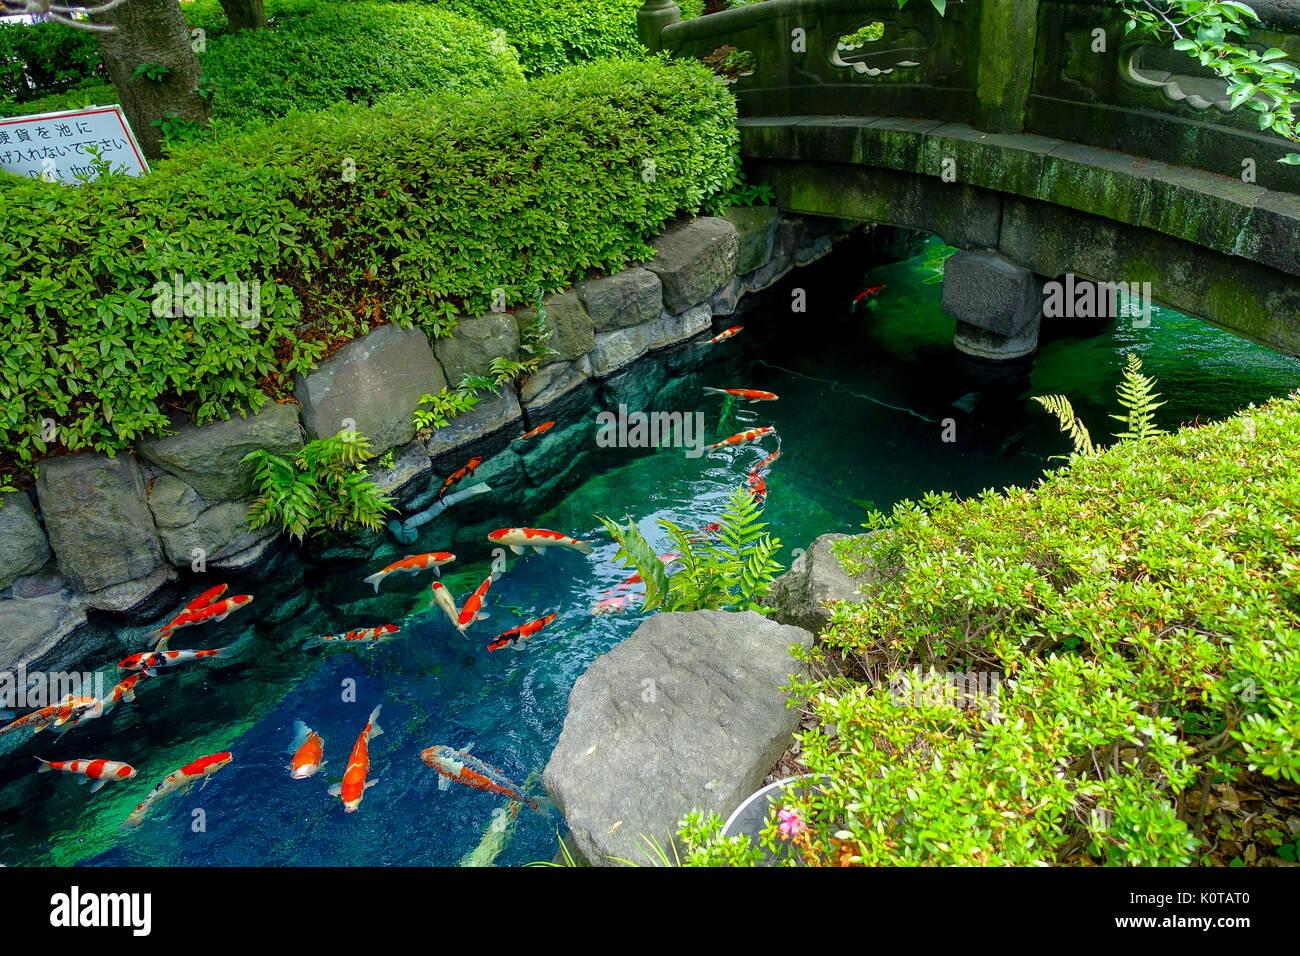 Estanque japones good este singular estanque es de agua for Estanque koi pequeno